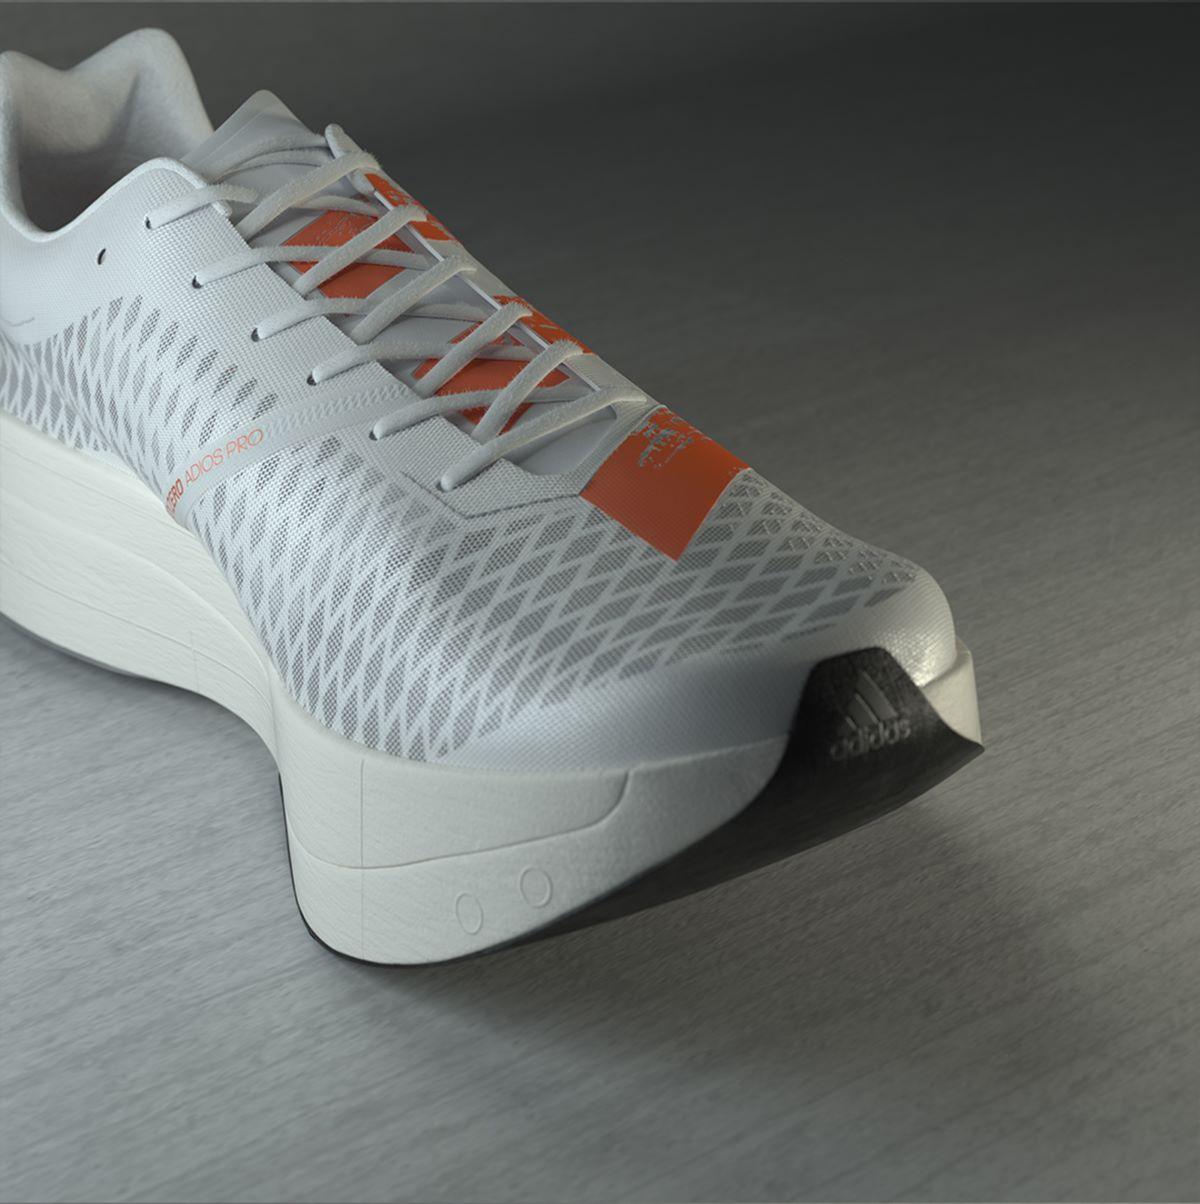 Adidas Adizero Adios Pro Has Carbon